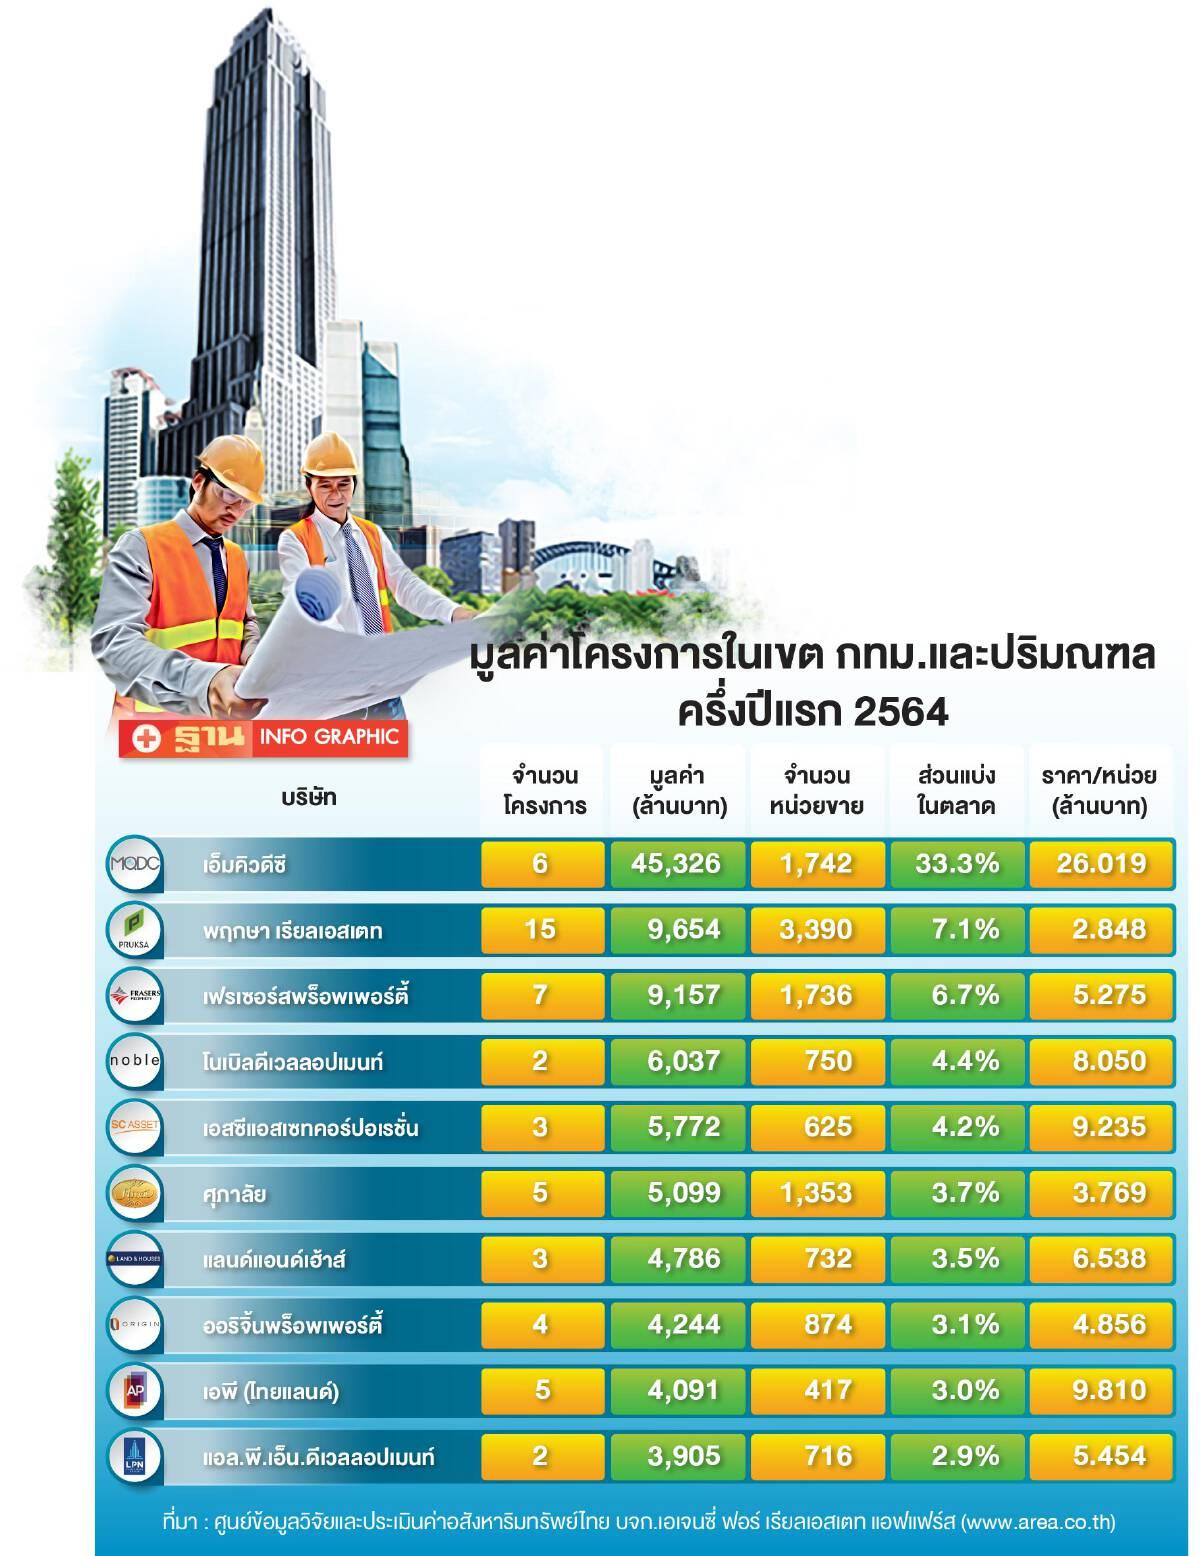 ดร.โสภณ พรโชคชัย เปิด10 บริษัทพัฒนาที่ดิน  อันดับหนึ่งของไทย